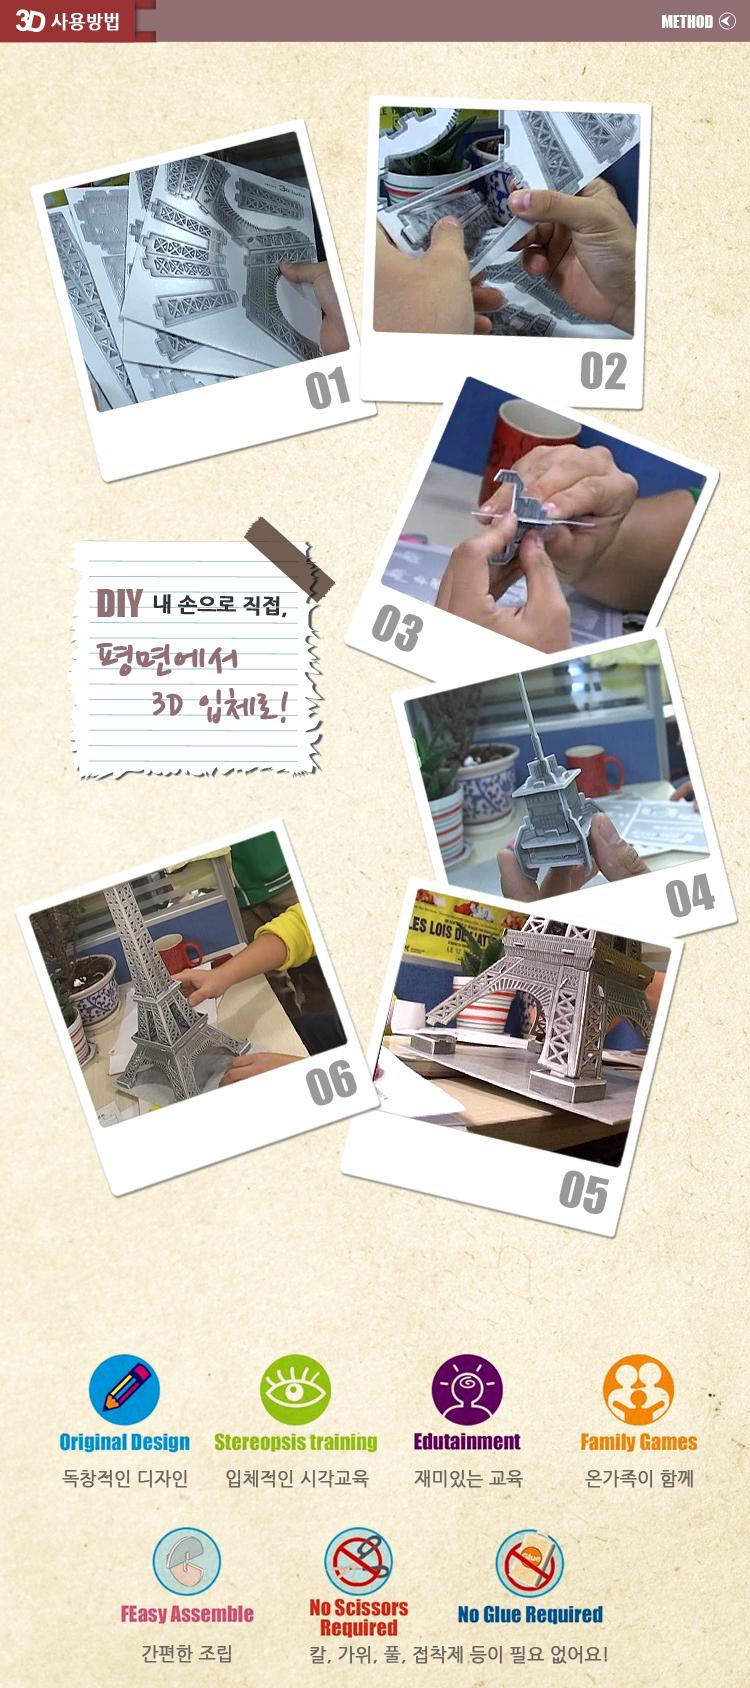 큐빅펀 3D월드스타일 일본5,400원-큐빅펀키덜트/취미, 블록/퍼즐, 조각/퍼즐, 3D입체퍼즐바보사랑큐빅펀 3D월드스타일 일본5,400원-큐빅펀키덜트/취미, 블록/퍼즐, 조각/퍼즐, 3D입체퍼즐바보사랑